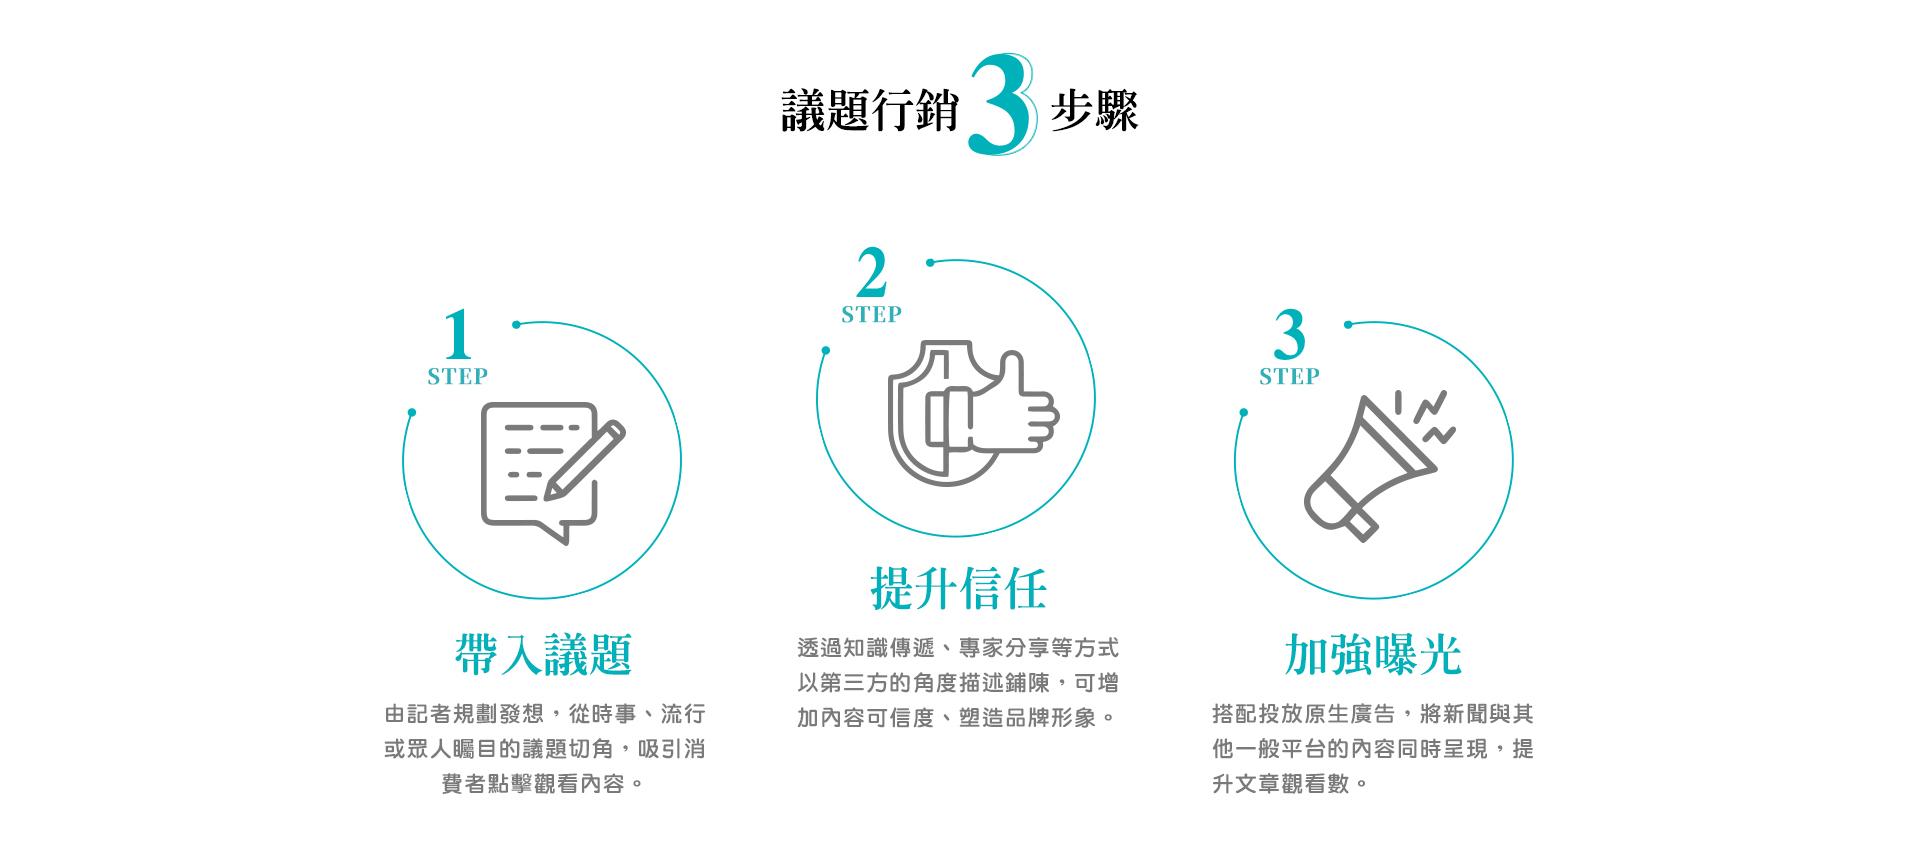 行銷3步驟